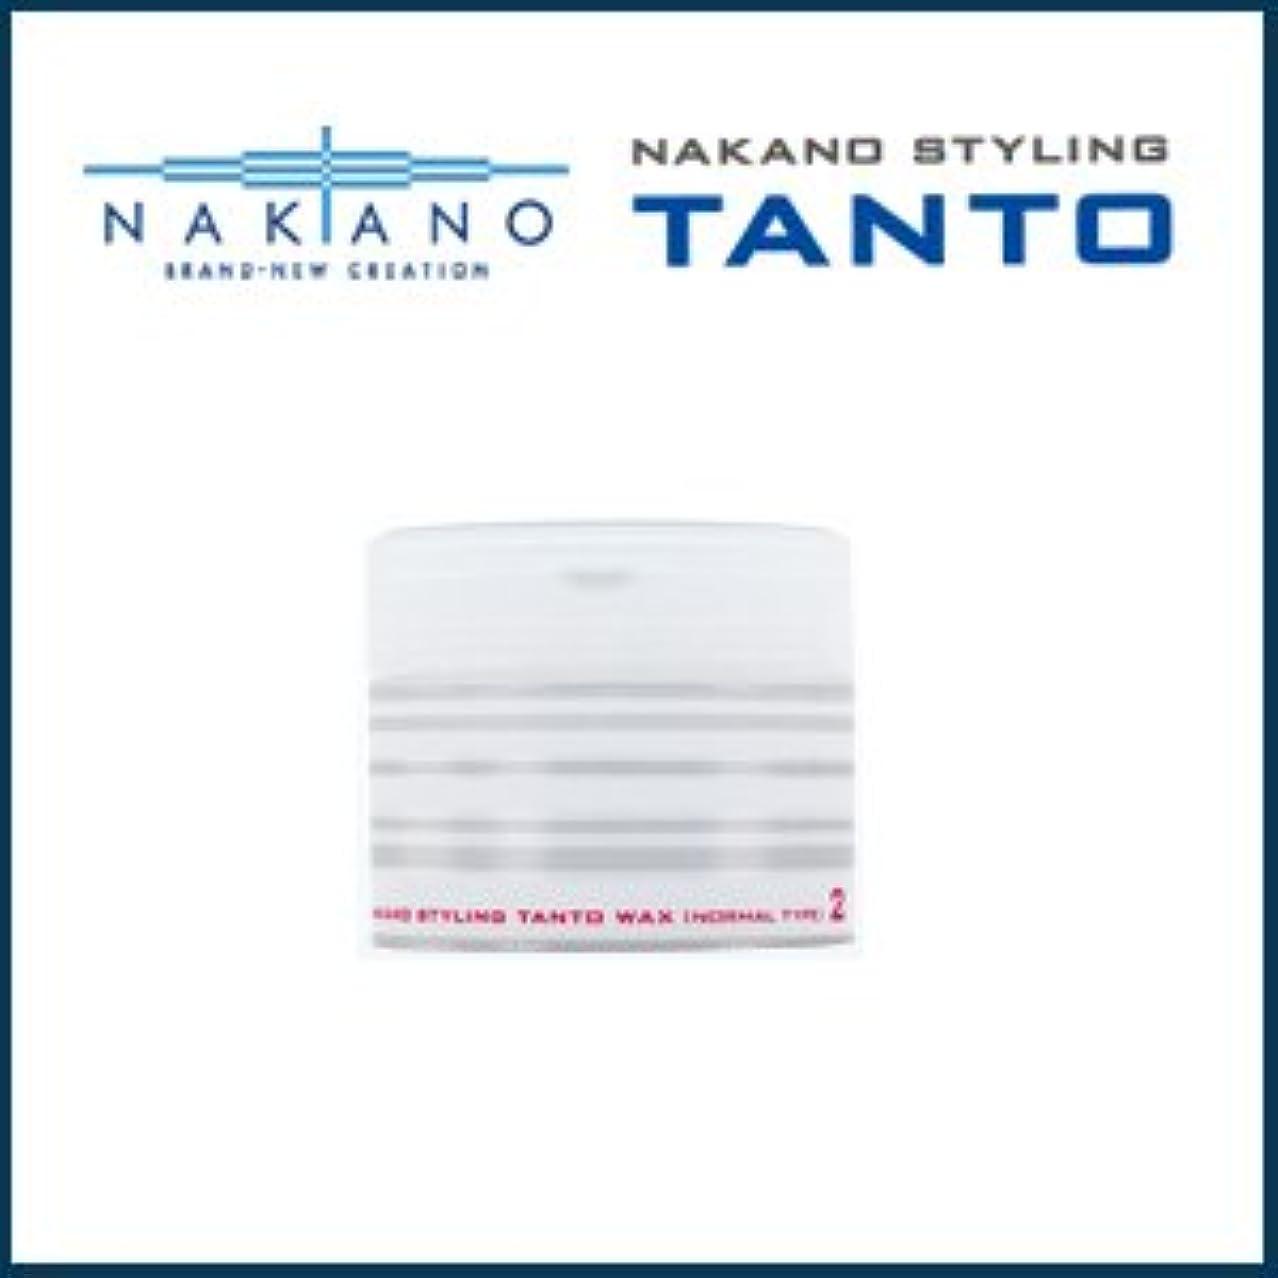 ヘビ冷凍庫定期的にナカノ タント Nワックス 2 ノーマルタイプ 90g 容器入り